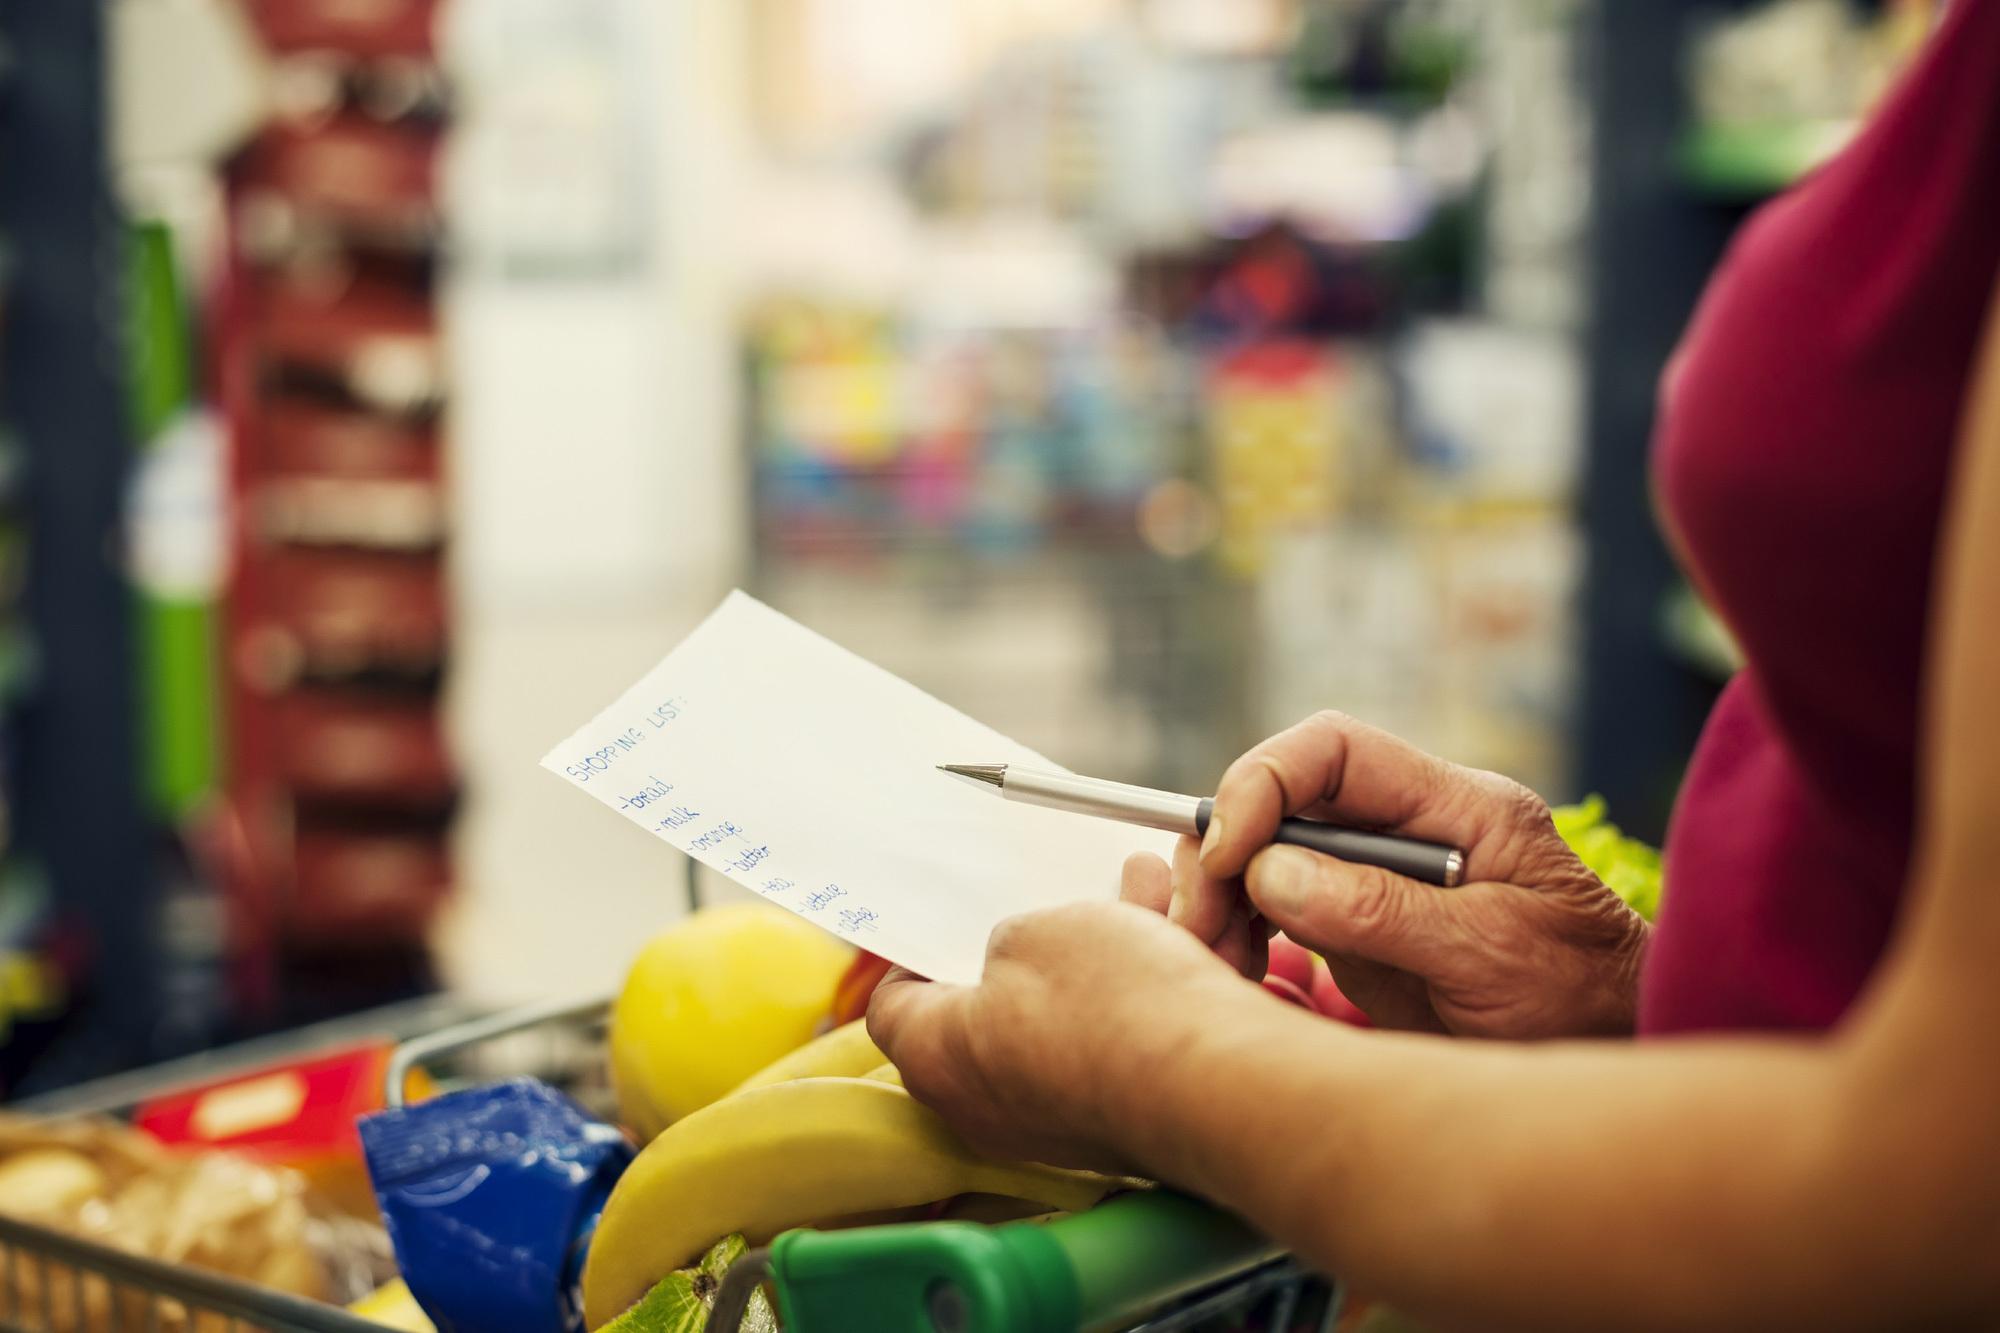 Chị em cần áp dụng 5 cách để biến tài chính của mình tăng theo cấp số nhân